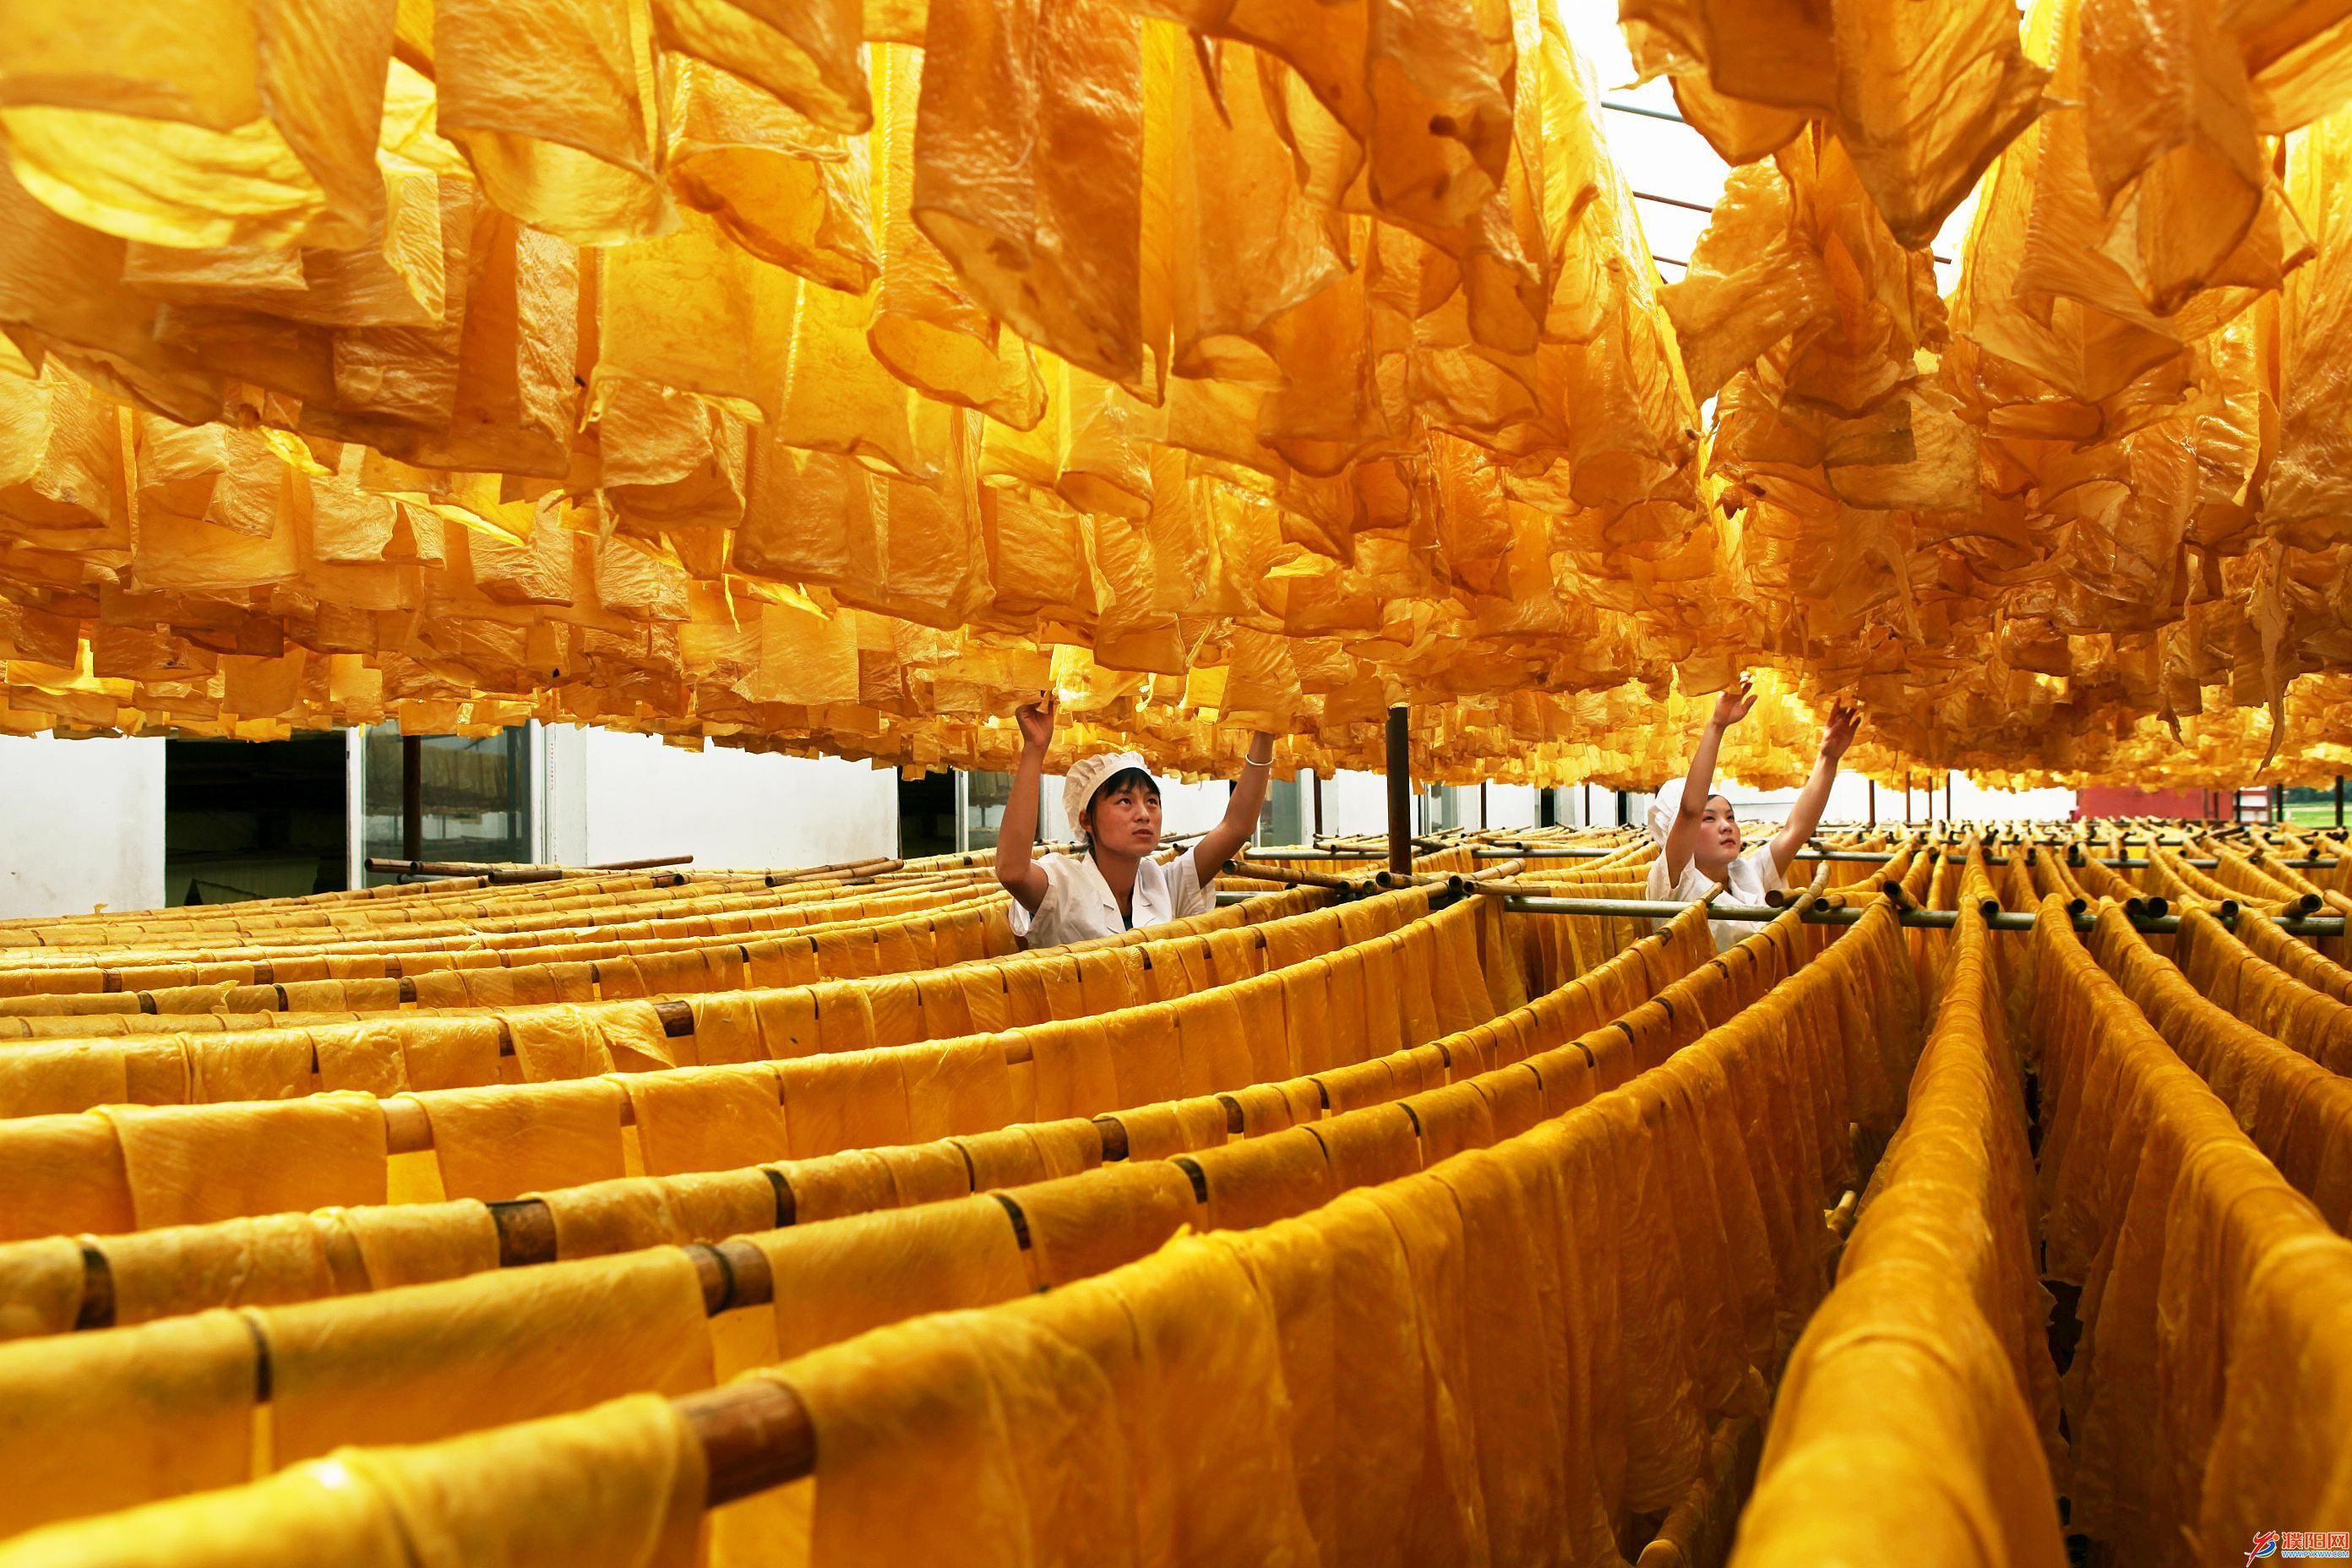 石屏豆腐皮产业。(金家茂 摄)13808772466—红河州税务局—'多彩农业•美丽家园'摄影大赛.JPG